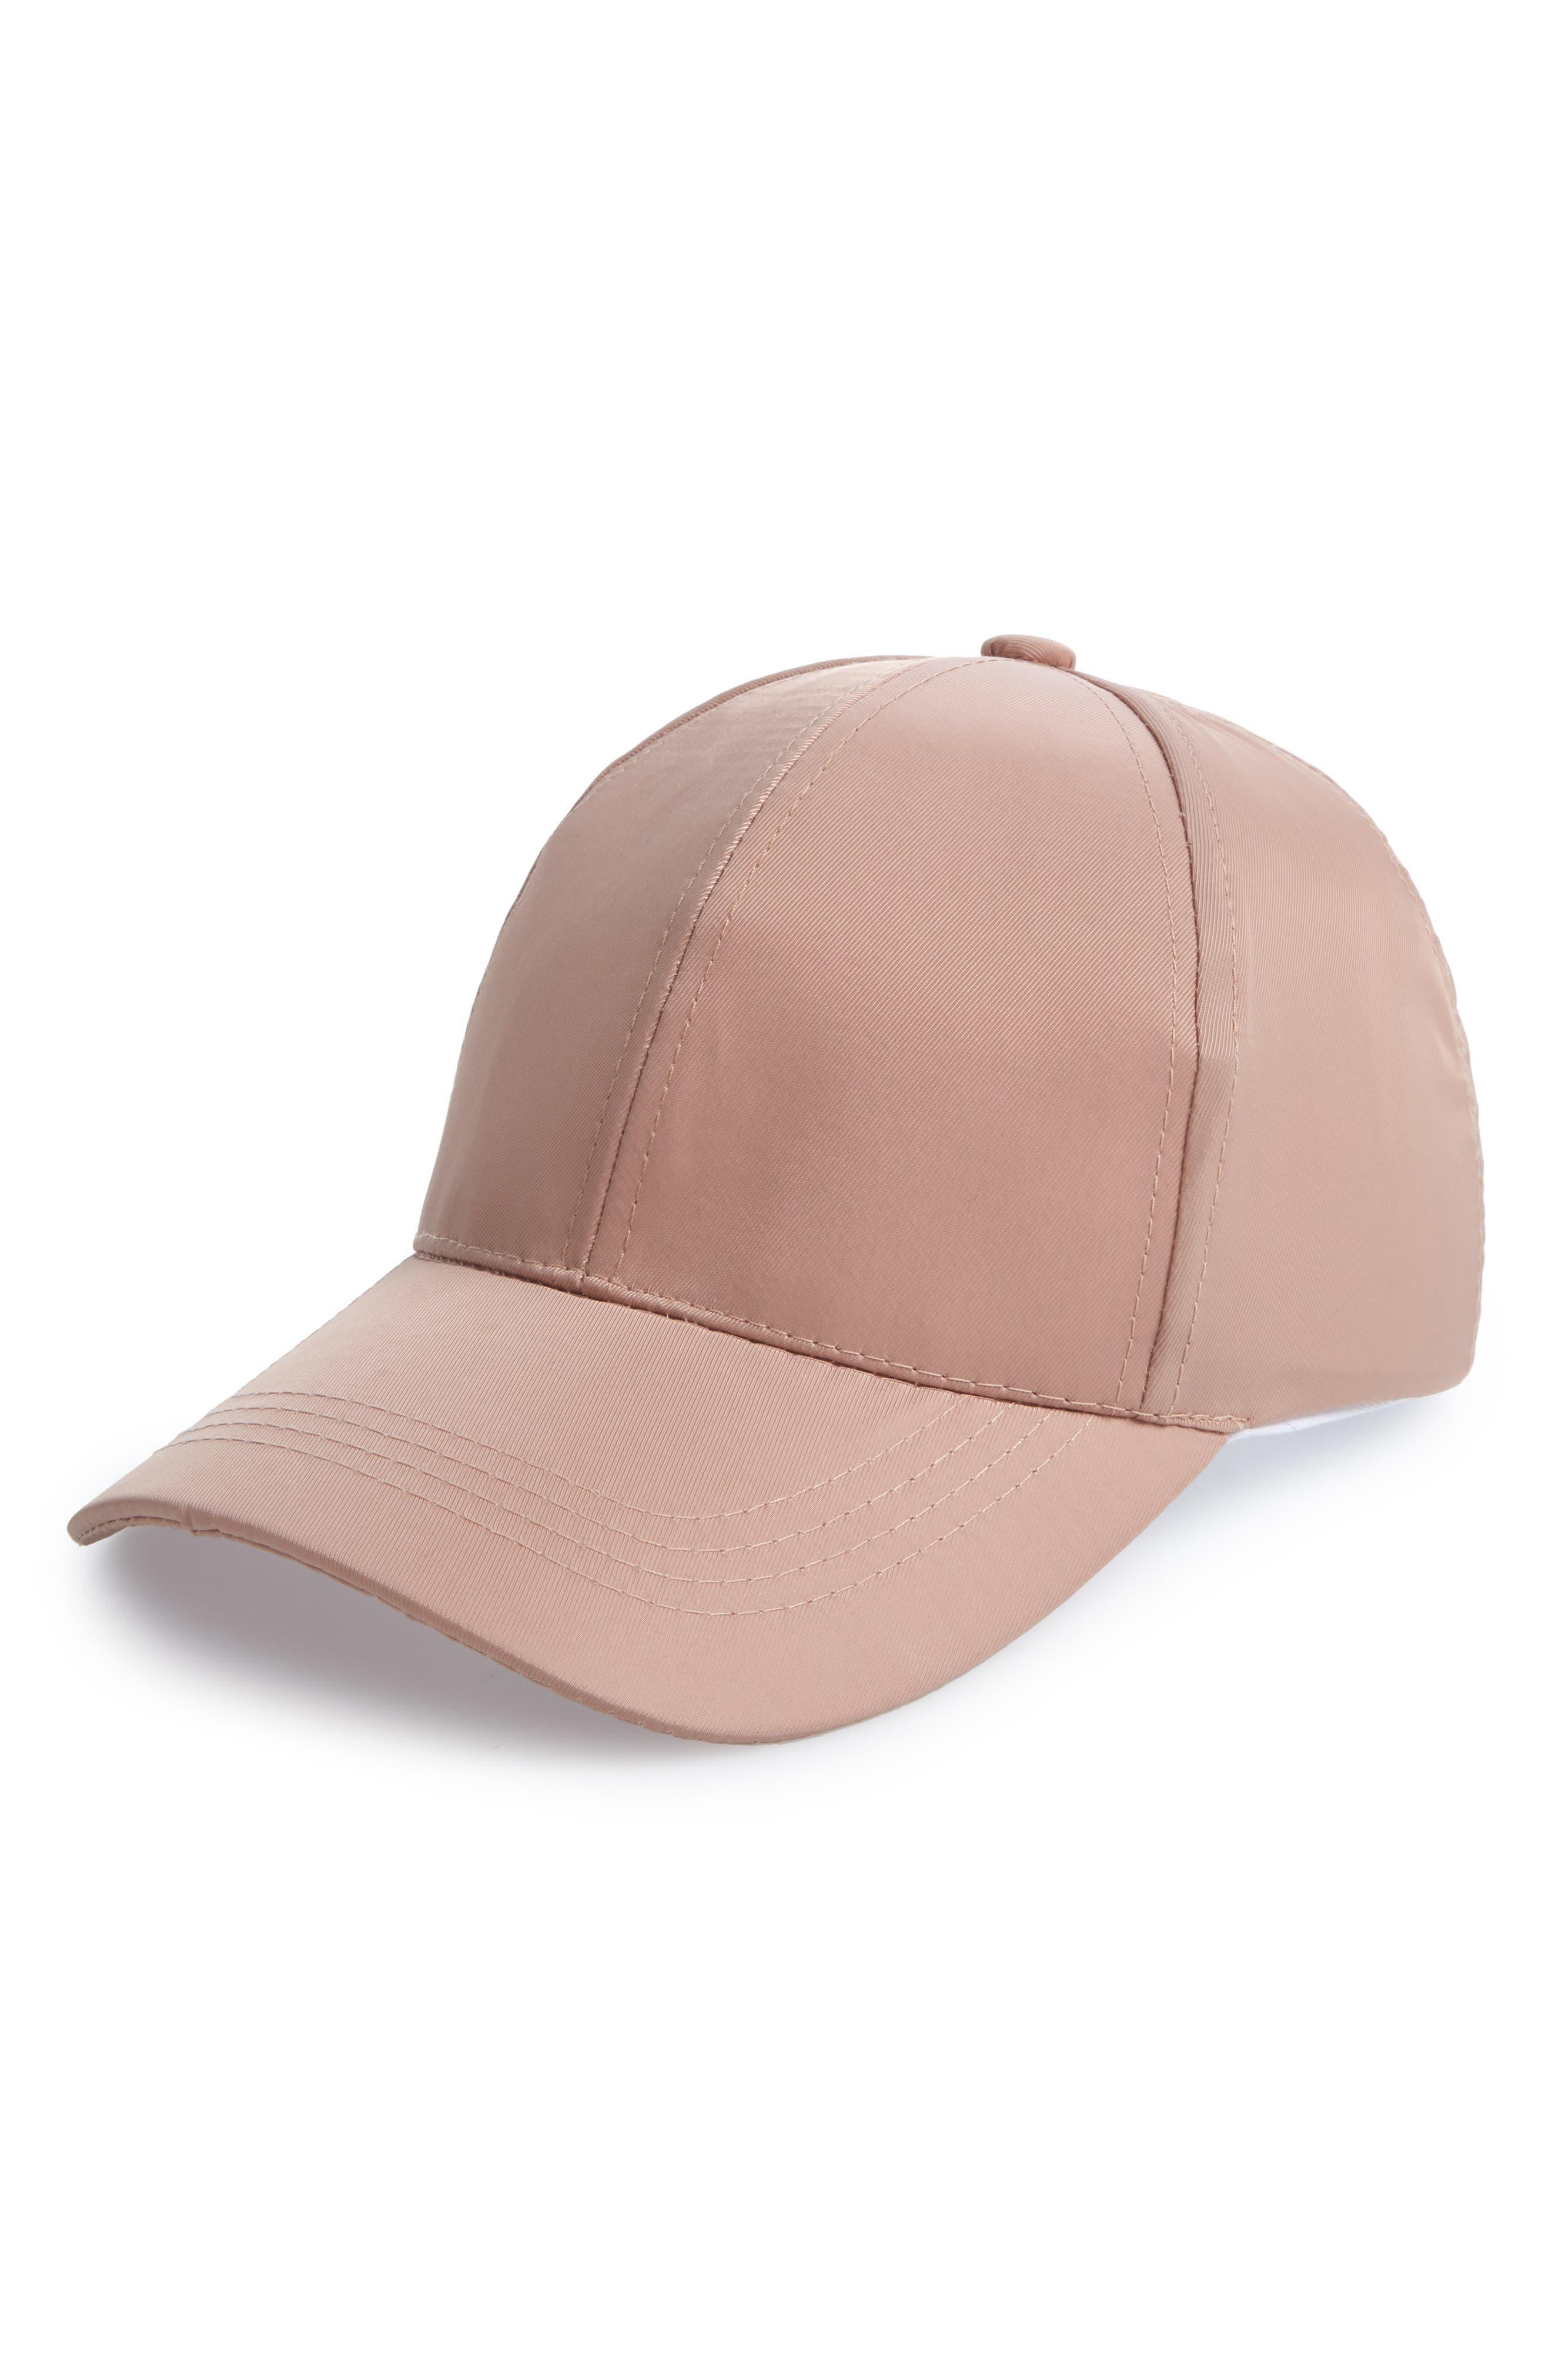 Water Repellent Baseball Hat,                             Main thumbnail 1, color,                             GREY CRYSTAL